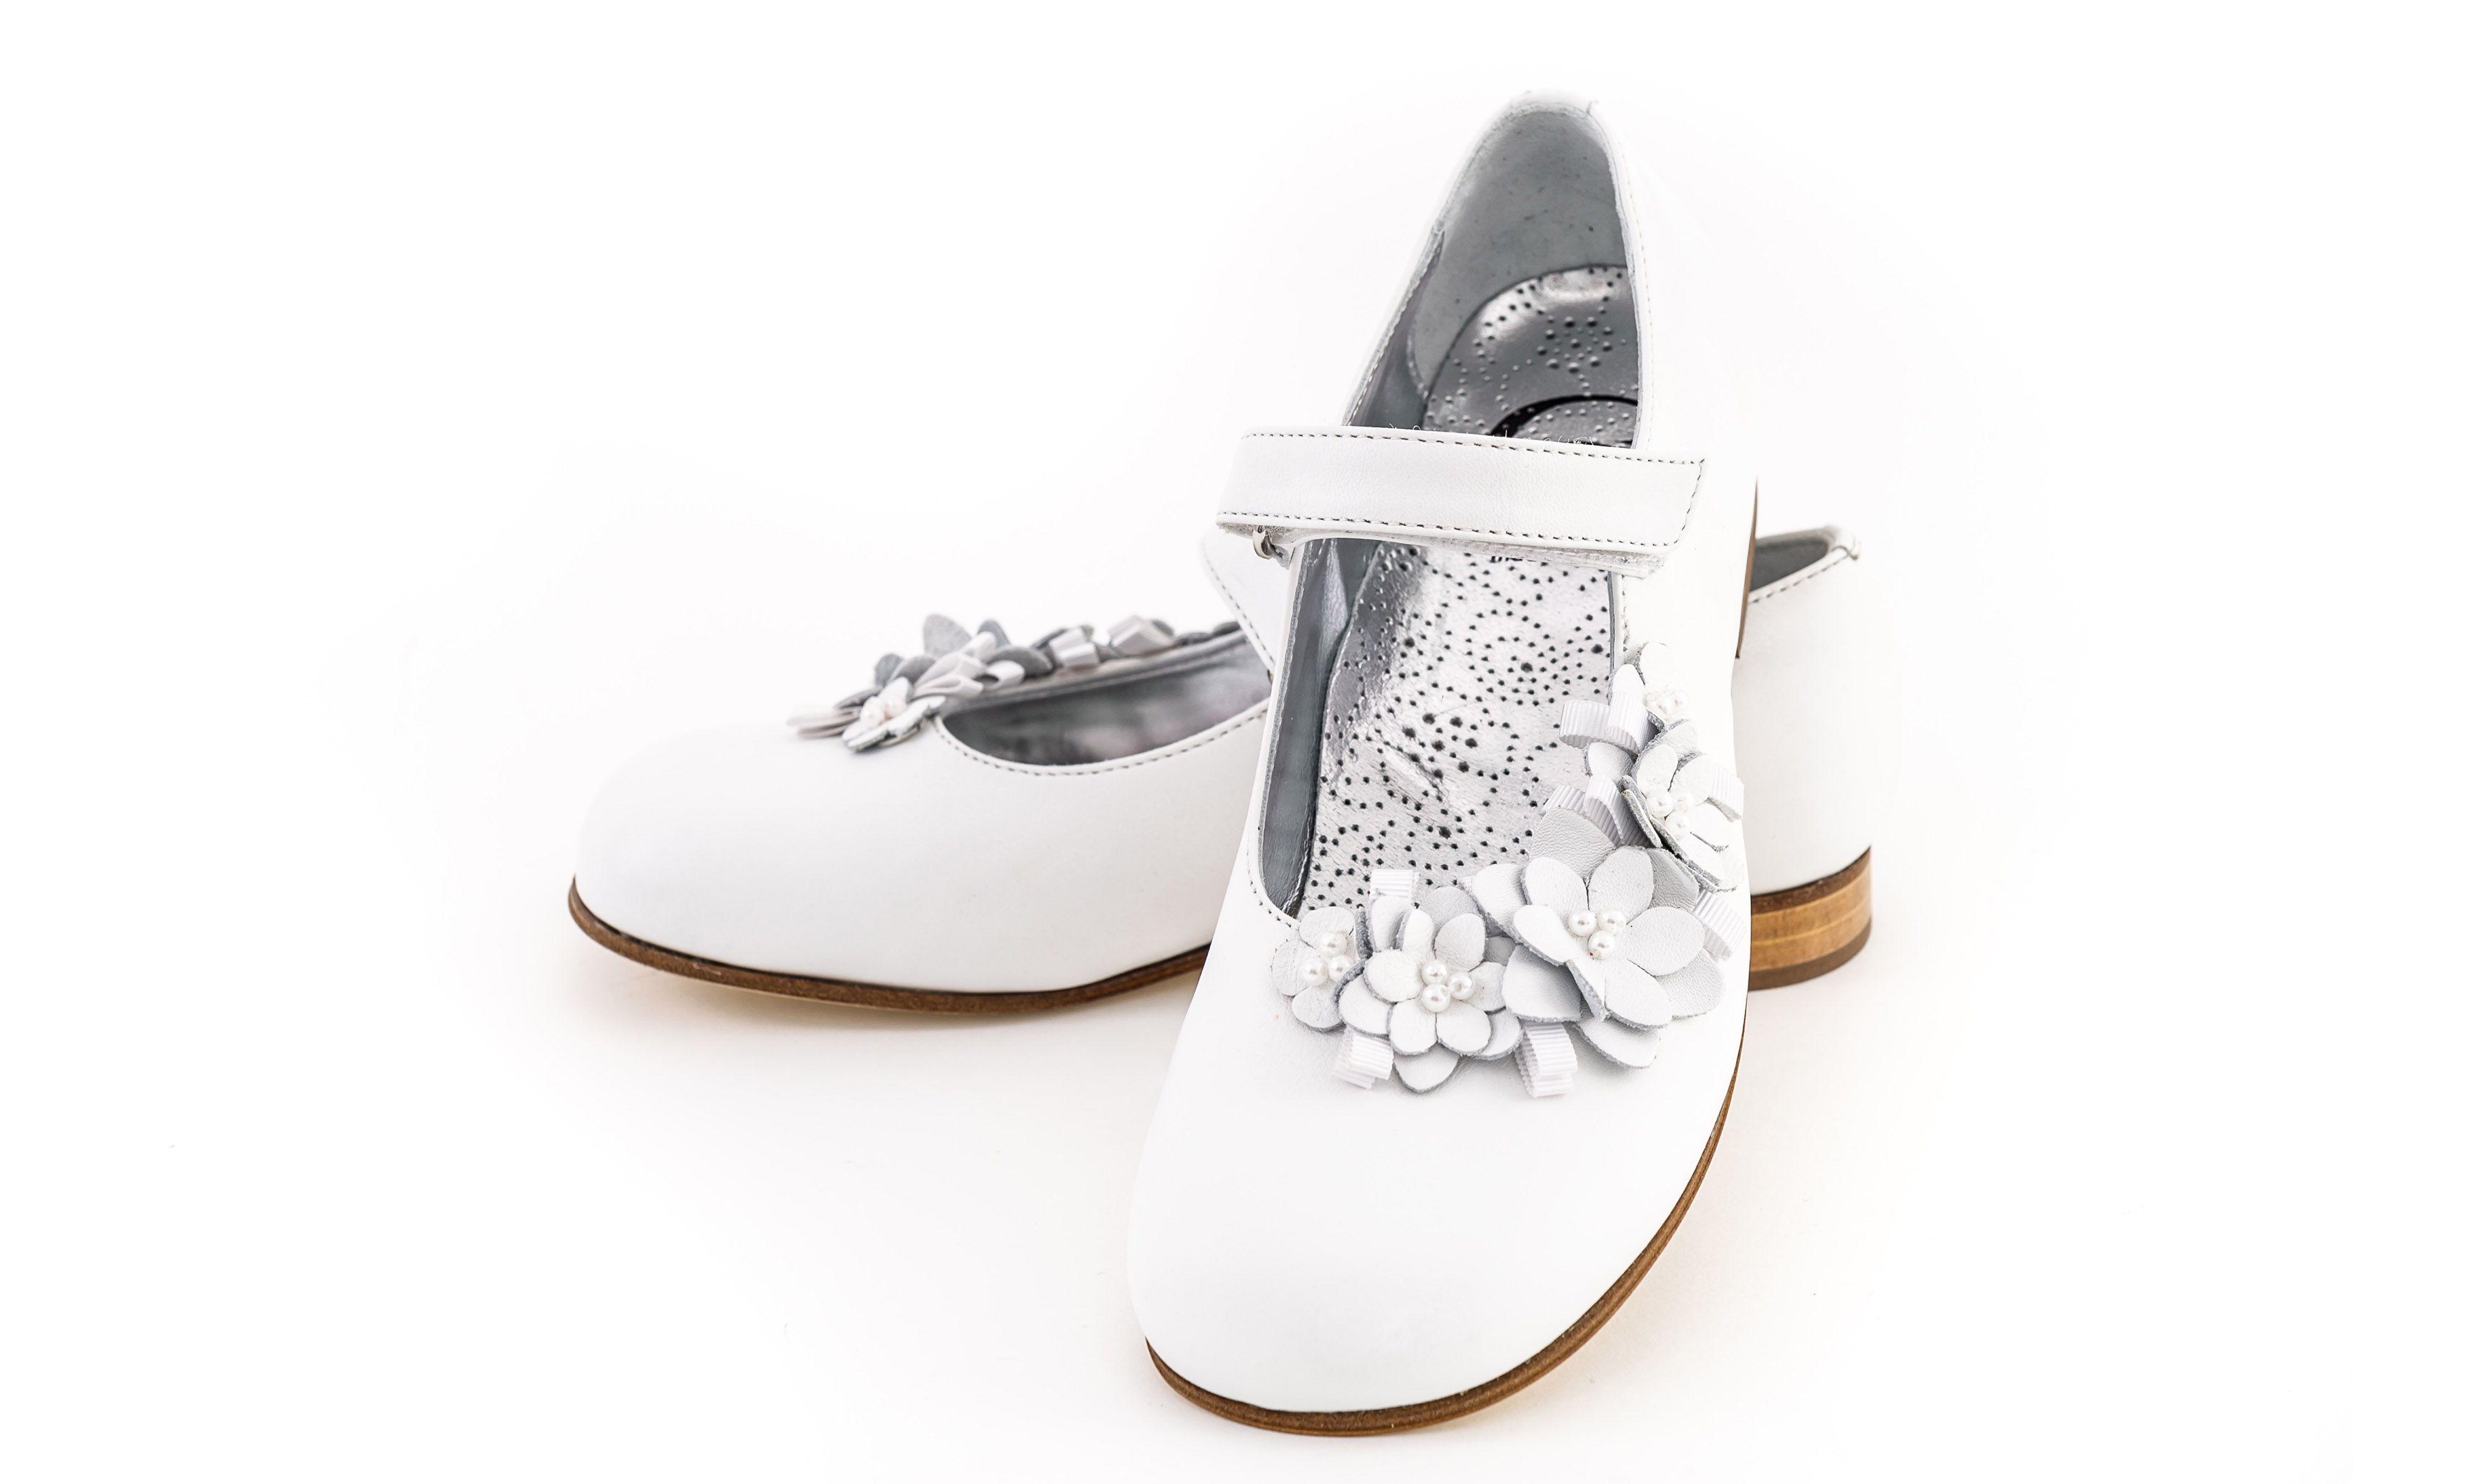 Buty Do Komunii Dla Dziewczynki Firmy Gallucci Do Nabycia W Sklepie Internetowym Celebrity Club Pl Gucci Mules Shoes Mule Shoe